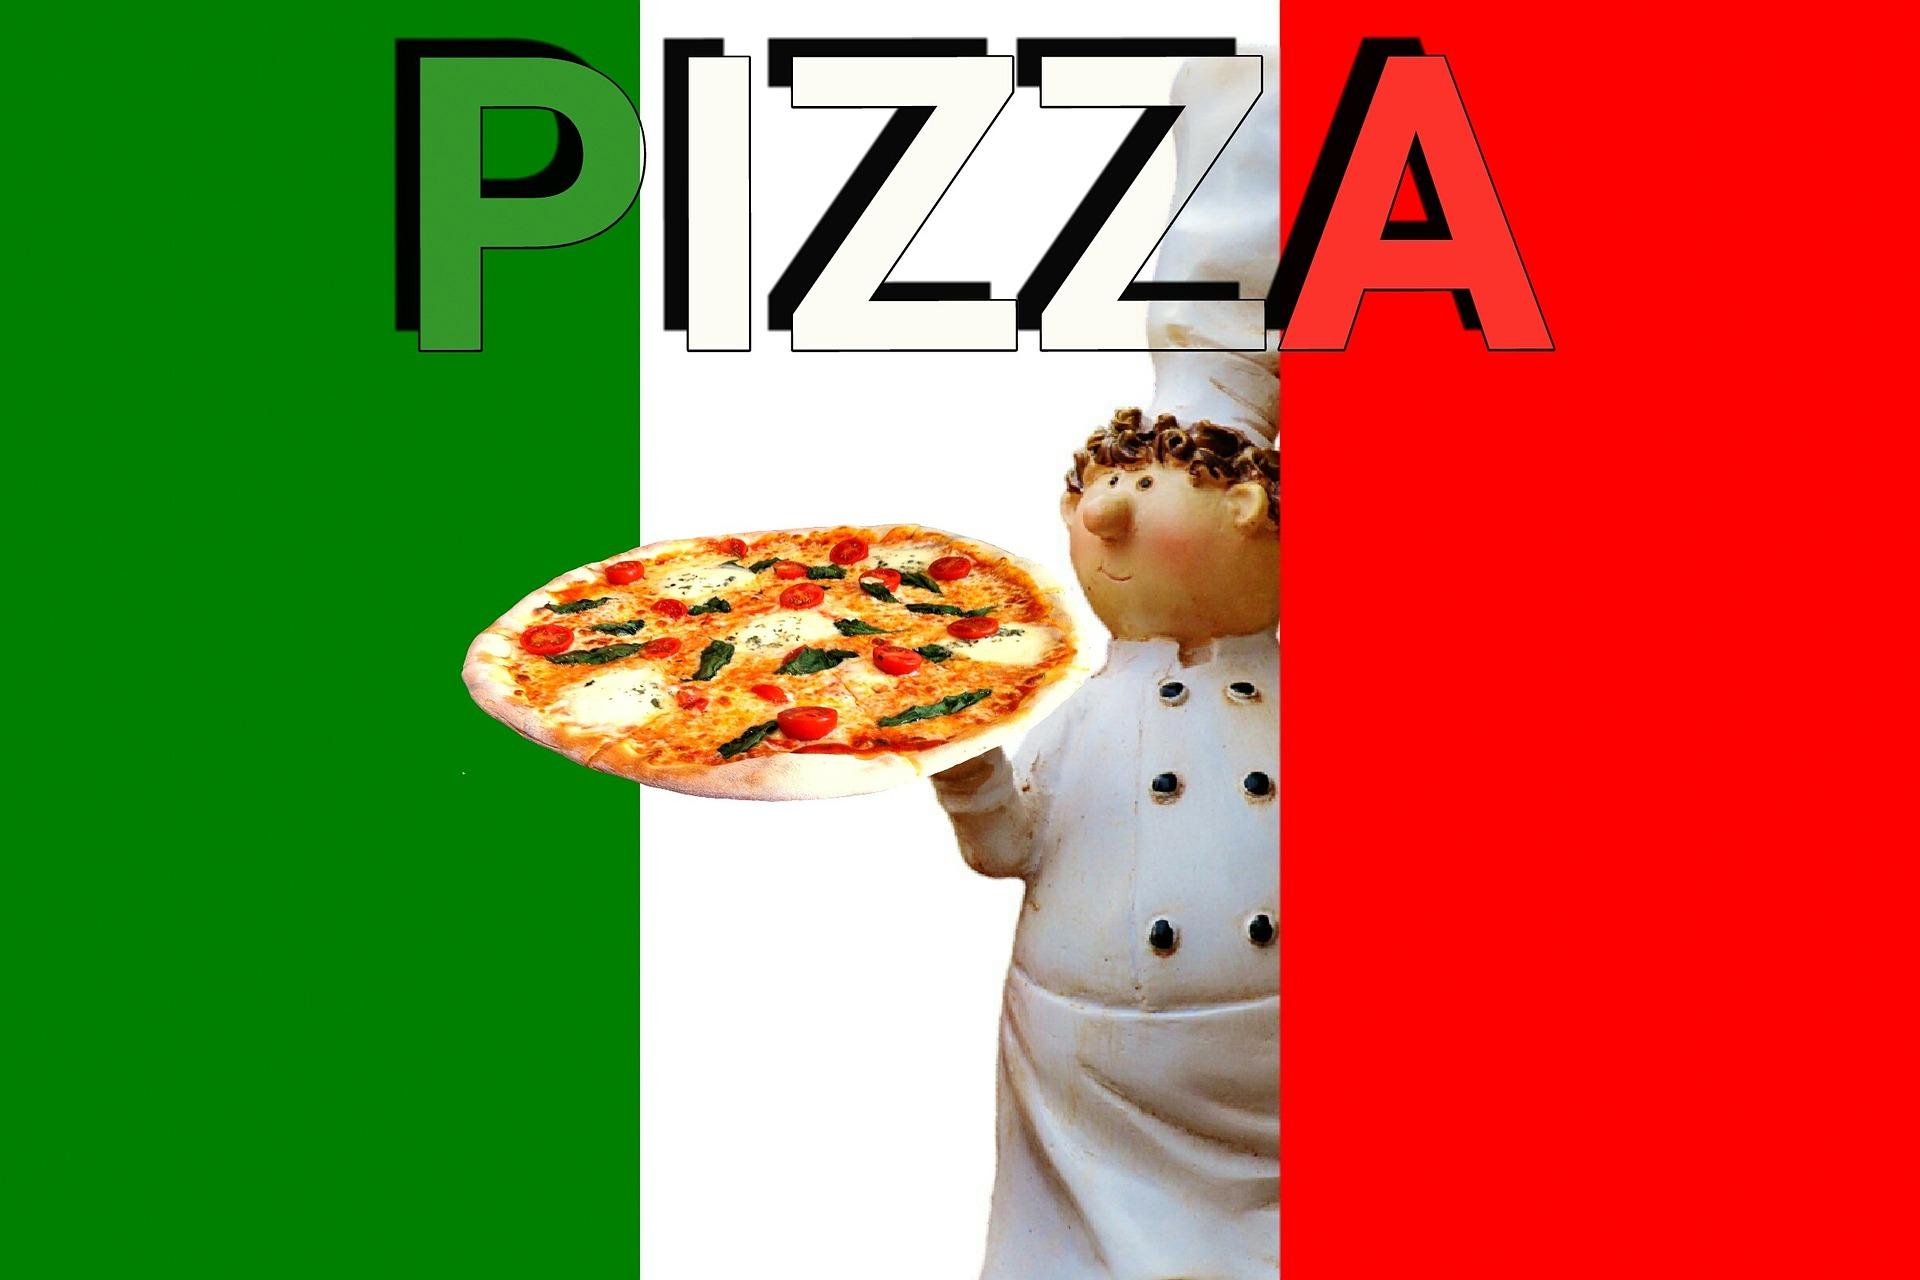 Il miglior forno elettrico per pizza da casa la - Miglior forno elettrico per pizzeria ...